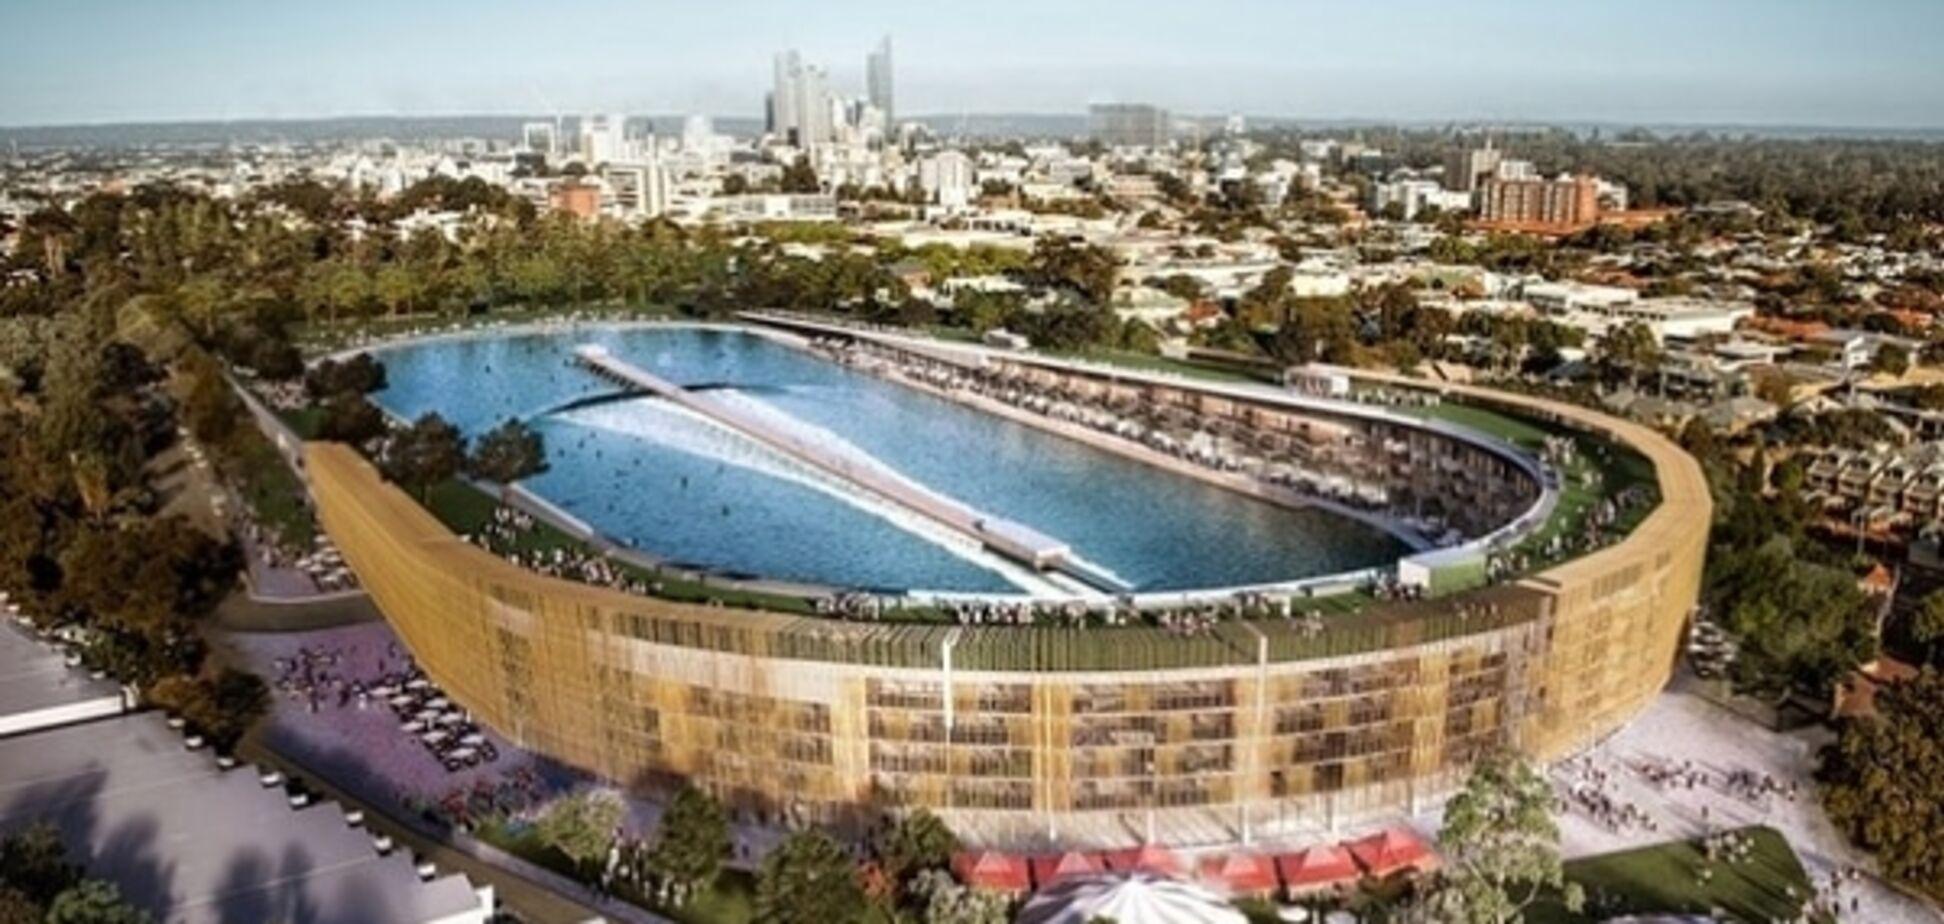 Ничего невозможного: в Австралии появится стадион для серфинга. Фоторепортаж